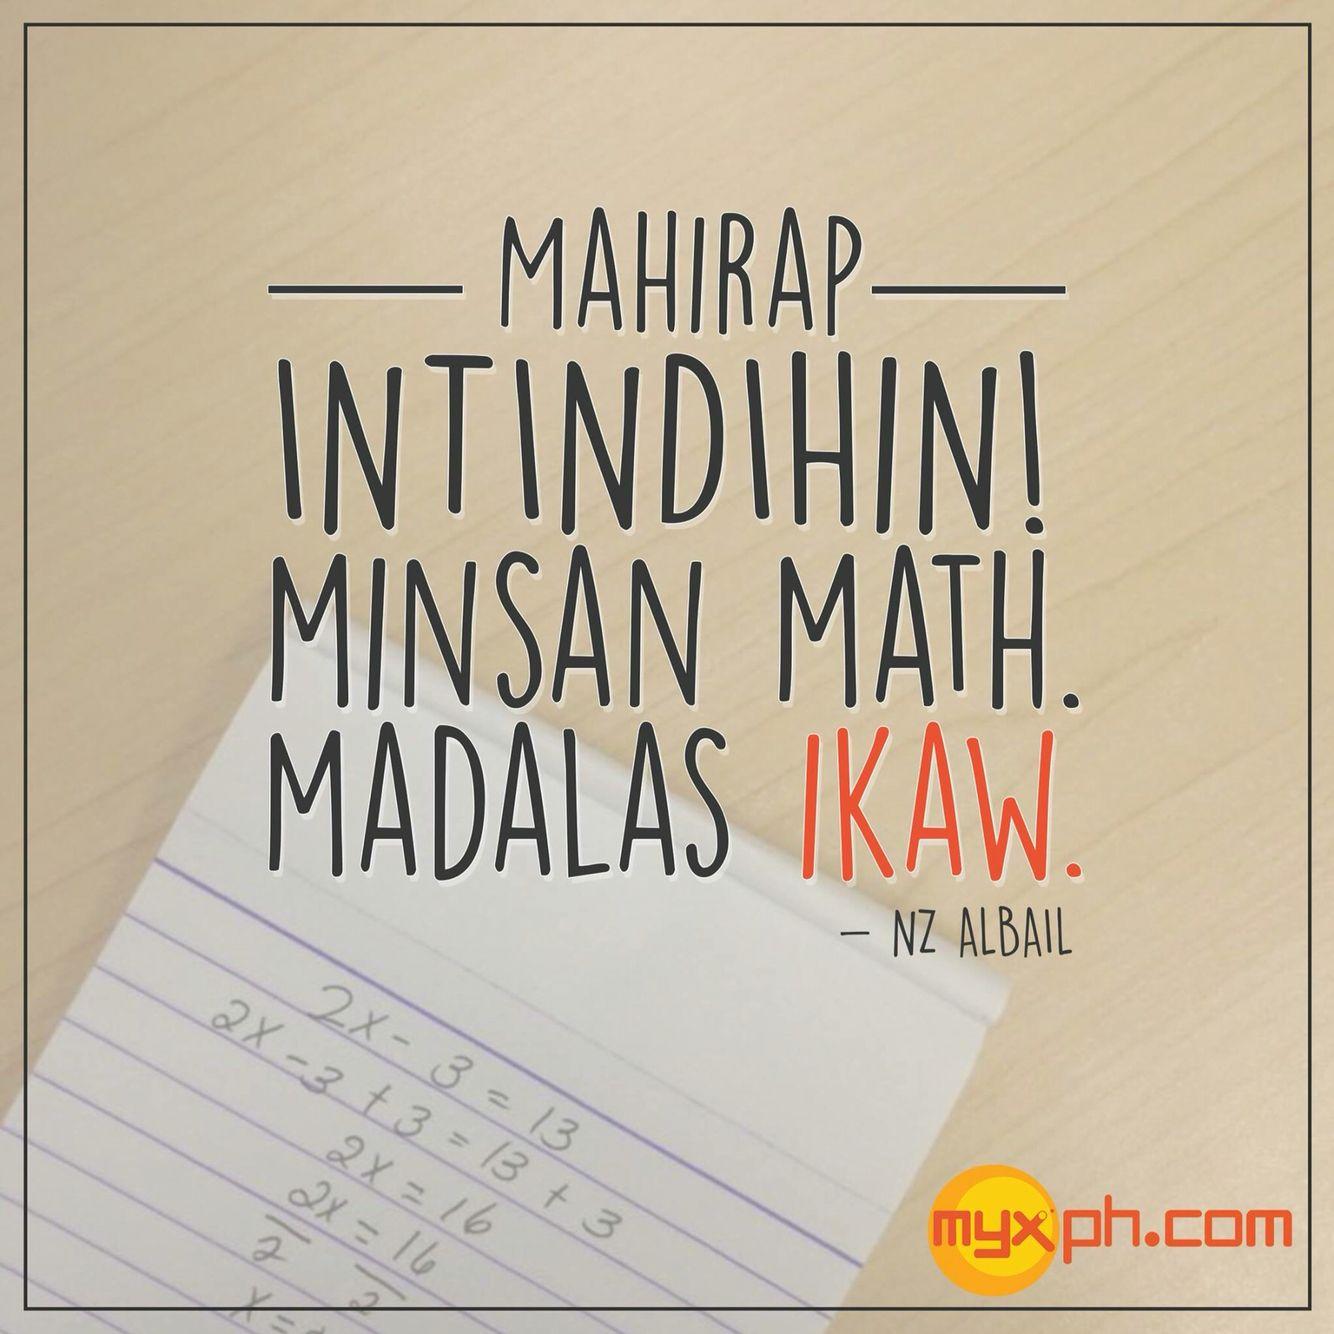 Di Mo Na Kasalanan May Tililing Pala Hahaha Hugot Tagalog